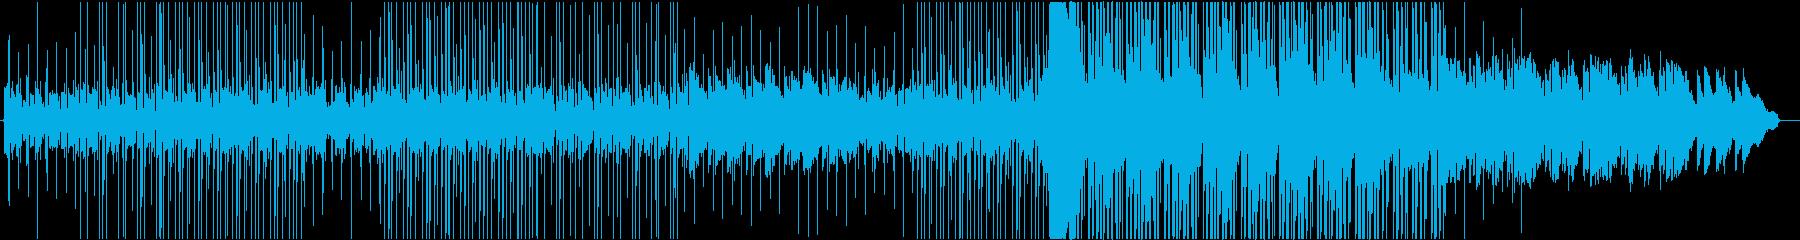 ギターのチルアウトリフが特徴のビートの再生済みの波形